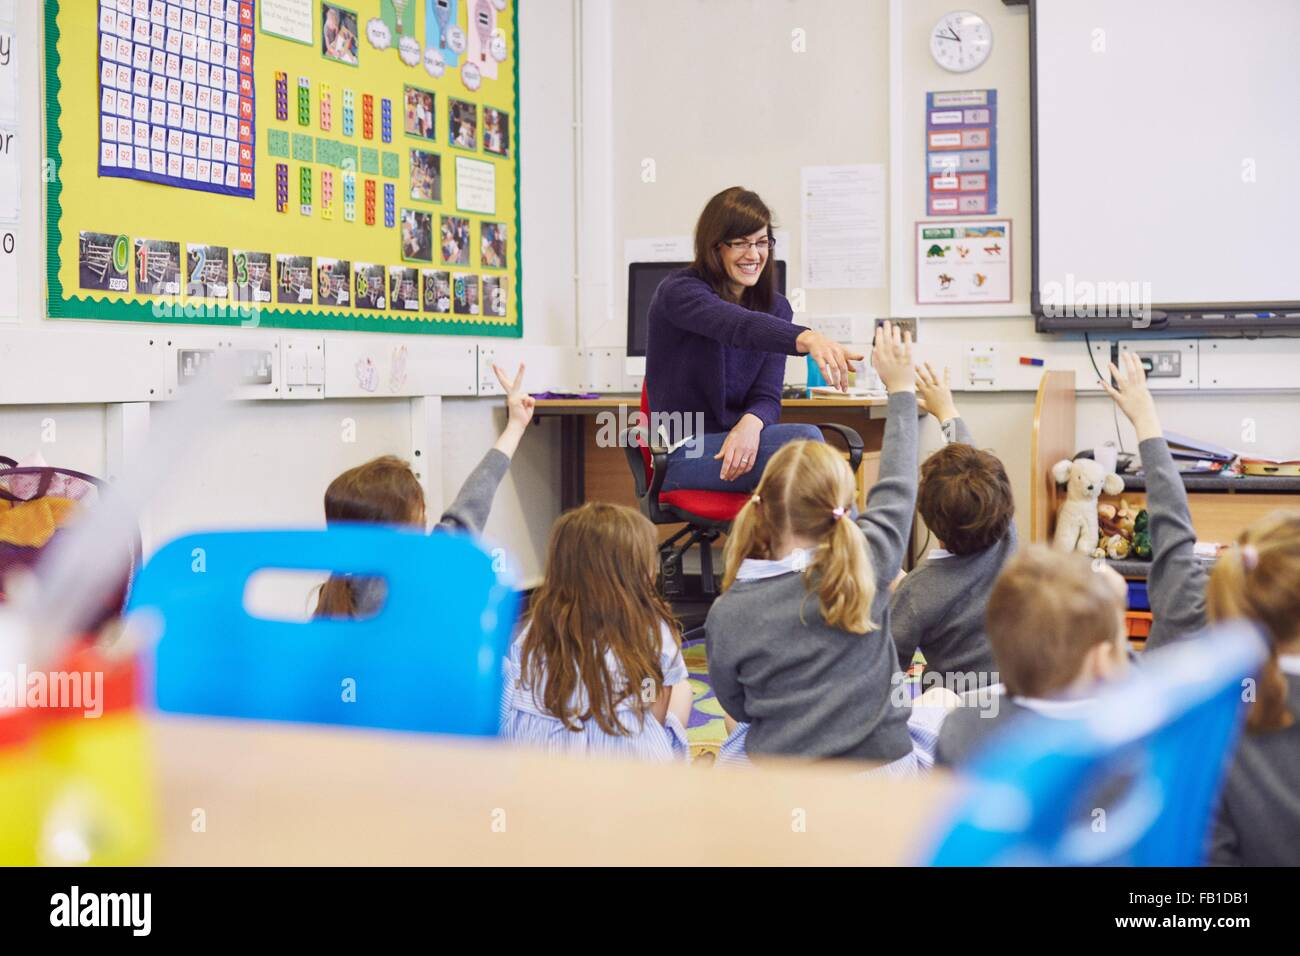 Profesor cuestionando niños sentados en el suelo en las aulas de la escuela elemental Imagen De Stock